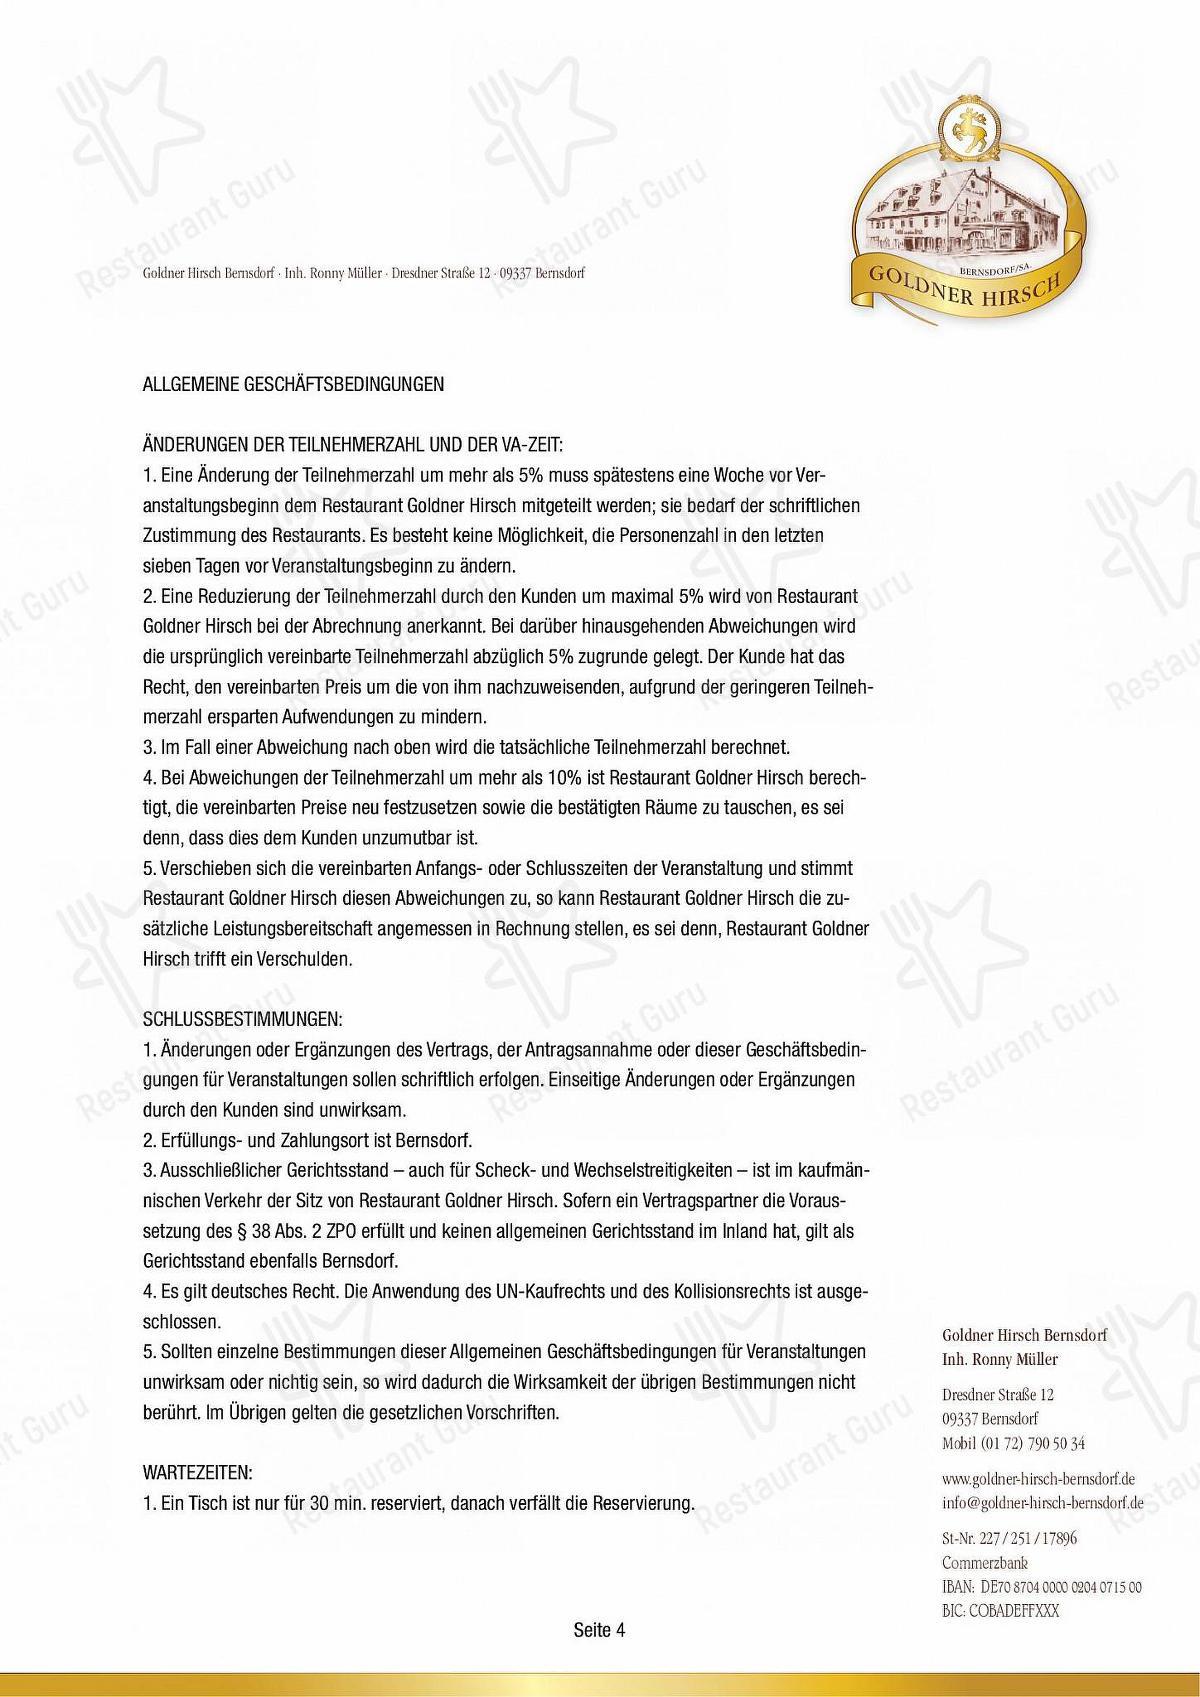 Goldner Hirsch Speisekarte - Gerichte und Getränke